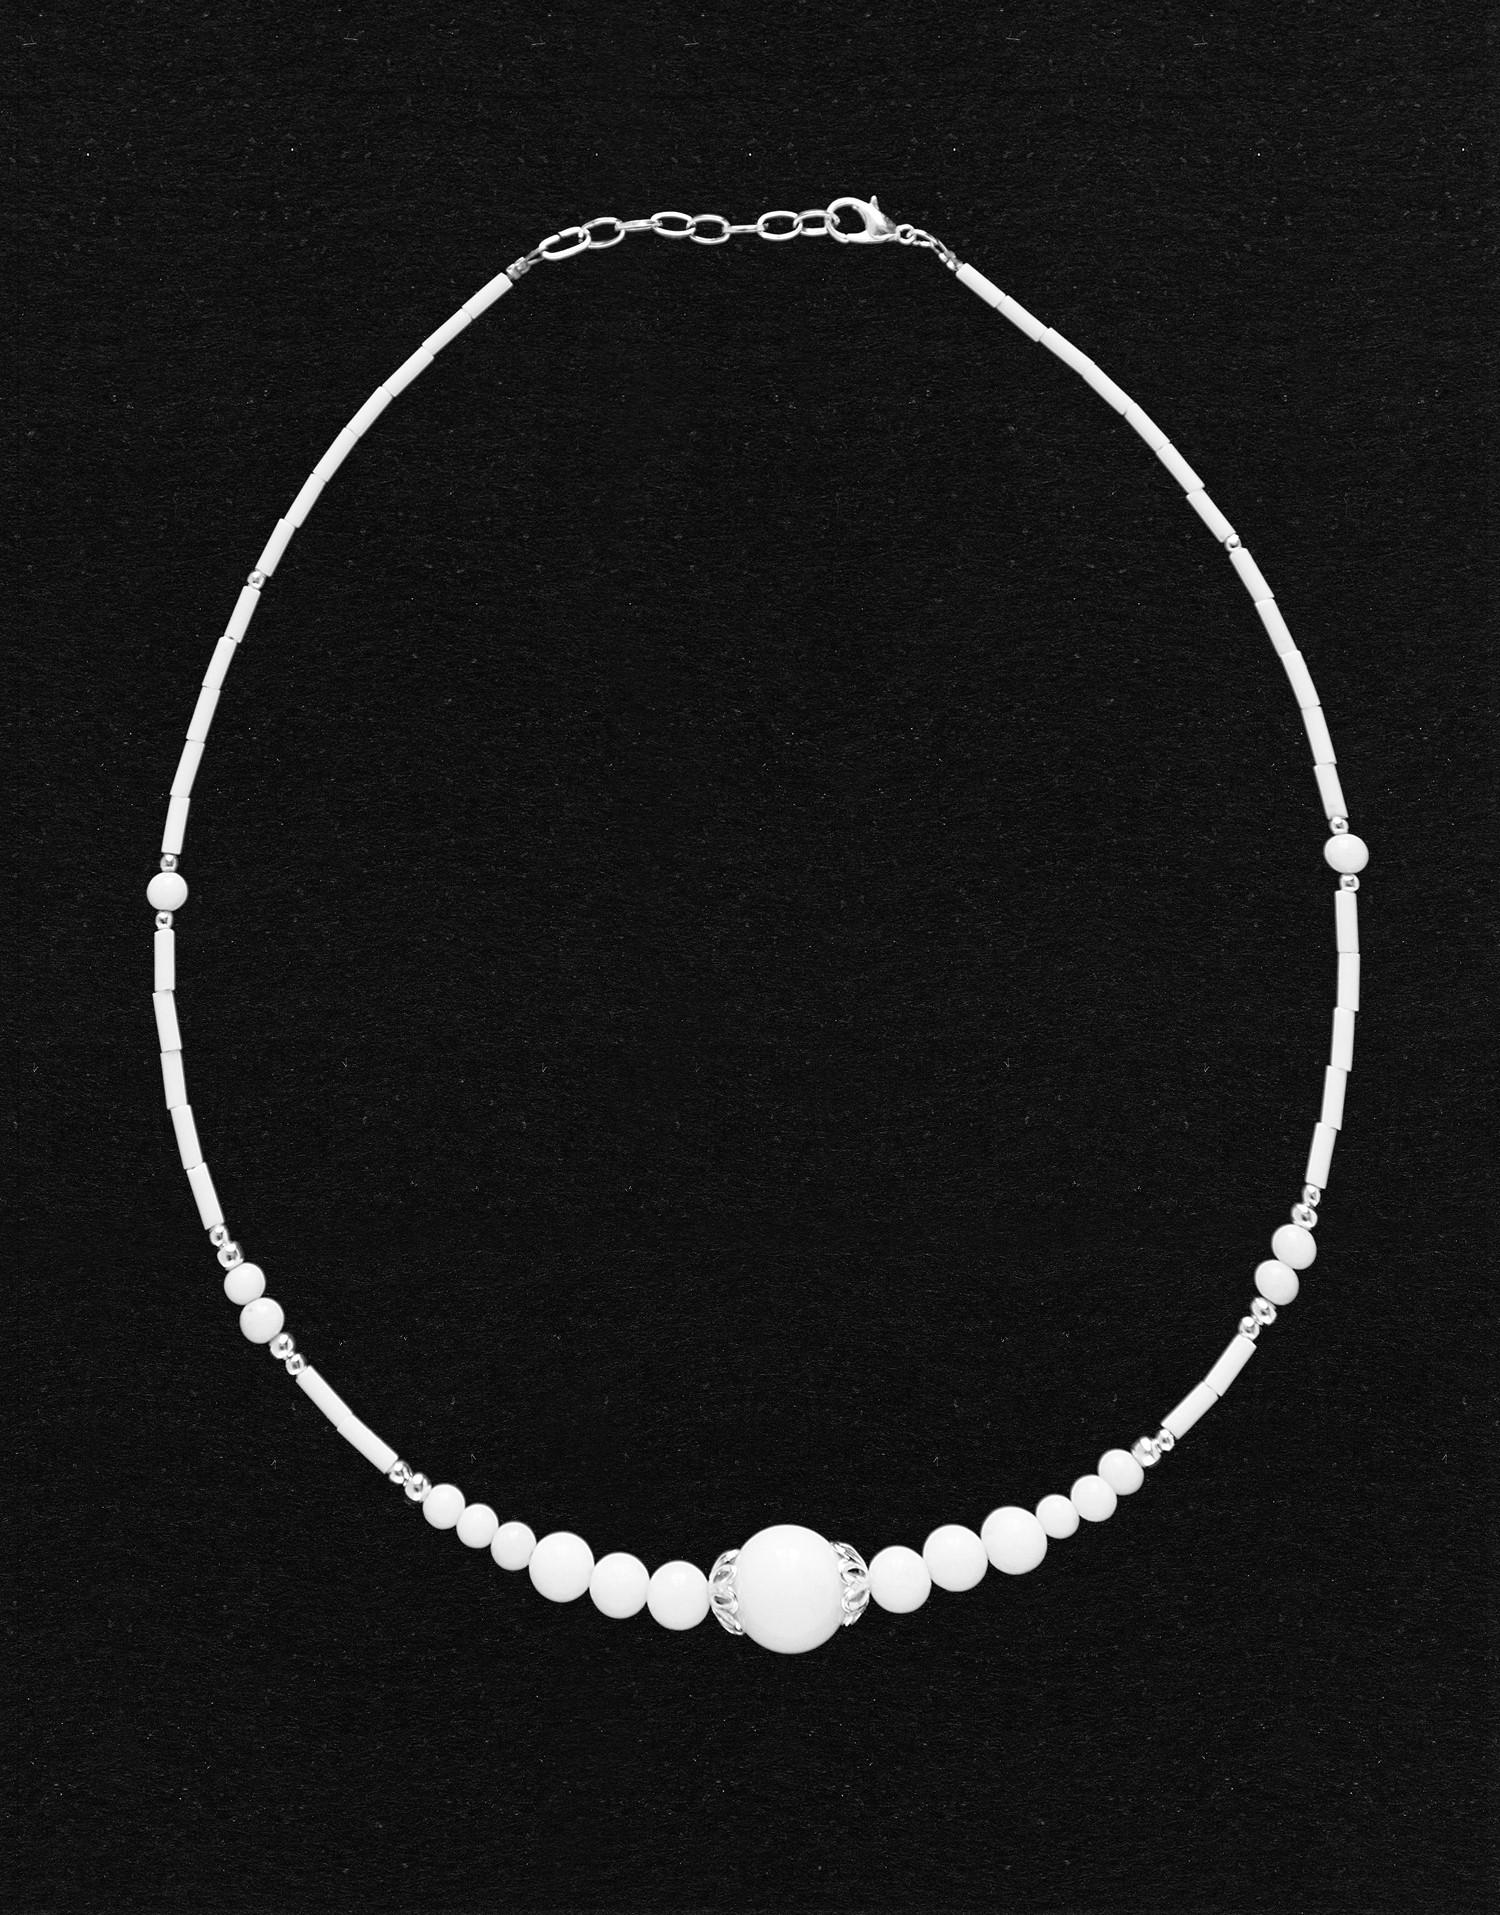 Collier Thalia Onyx blanc